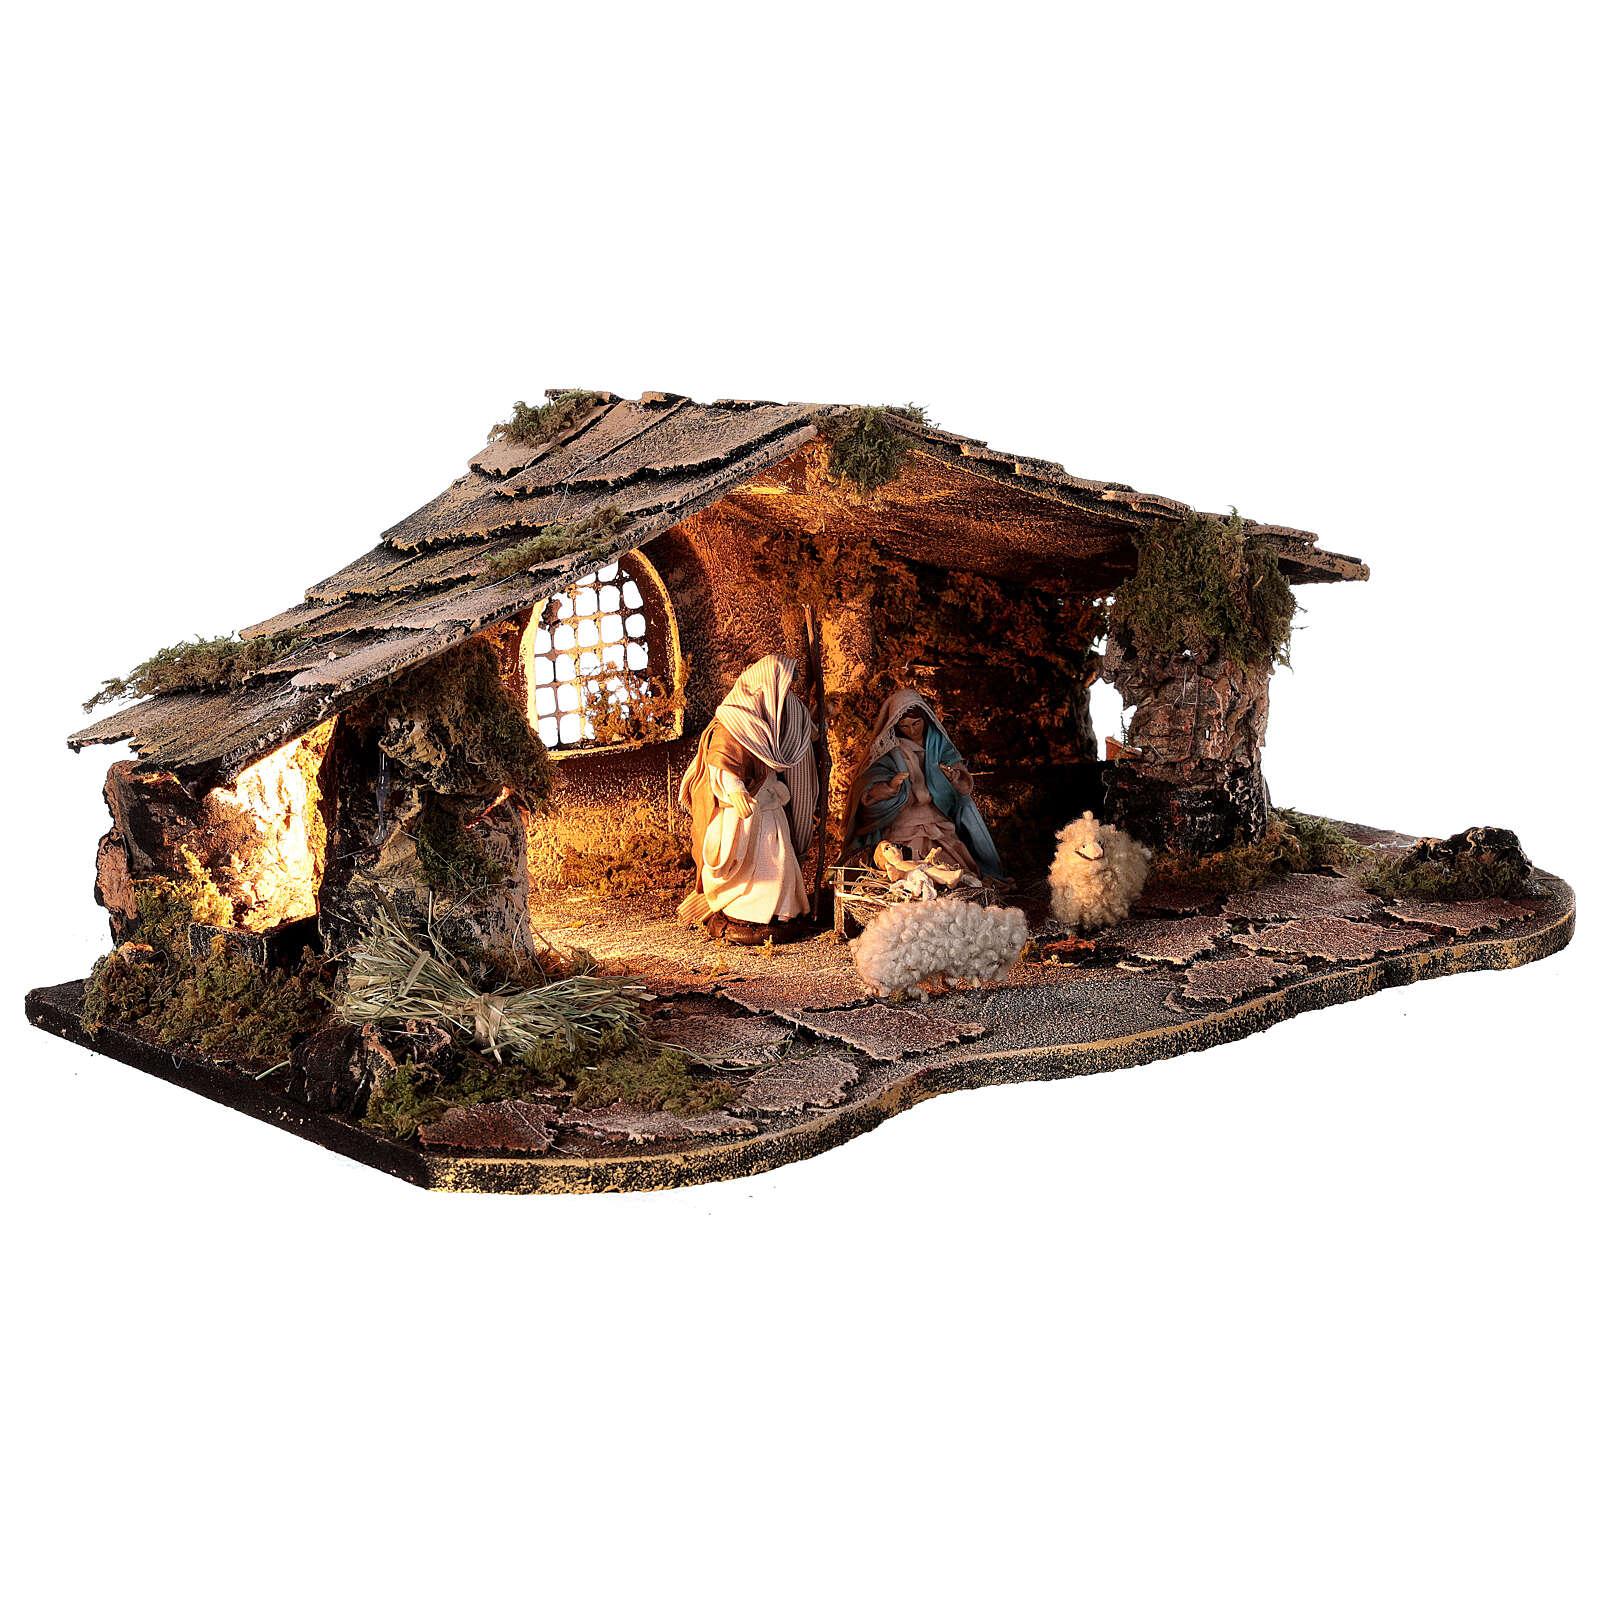 Cabana estilo rústico presépio napolitano figuras terracota altura média 10 cm, 29x50x19 cm 4